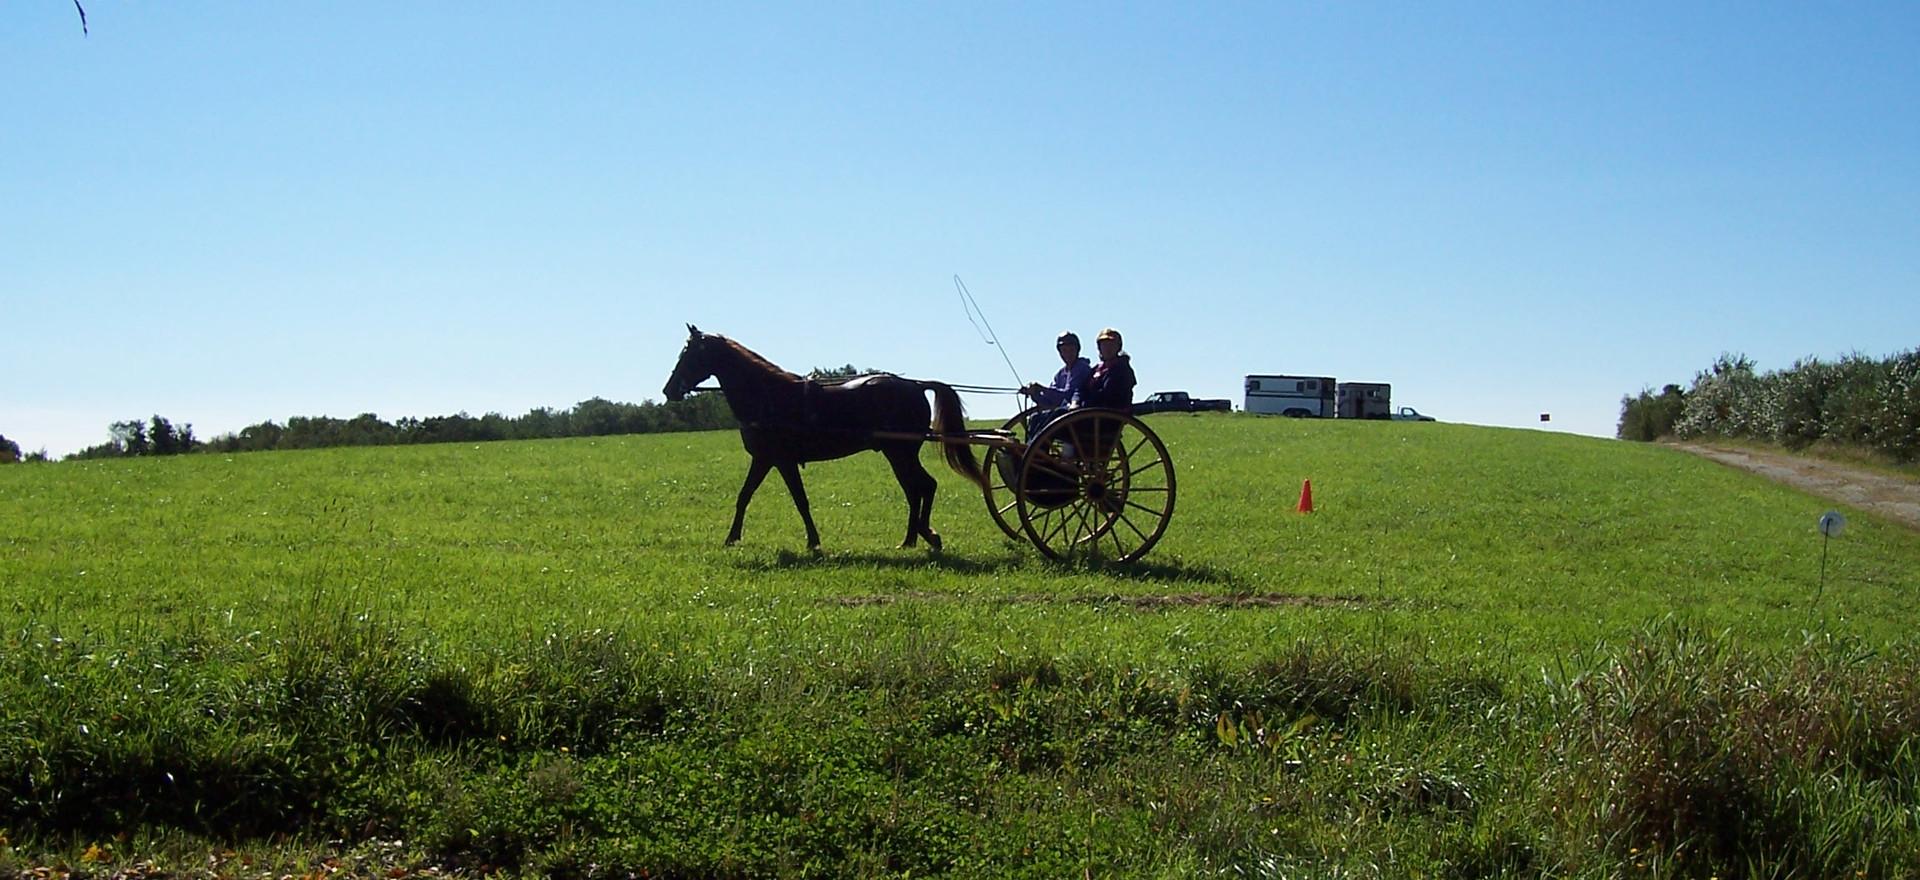 Mass Carriage Association